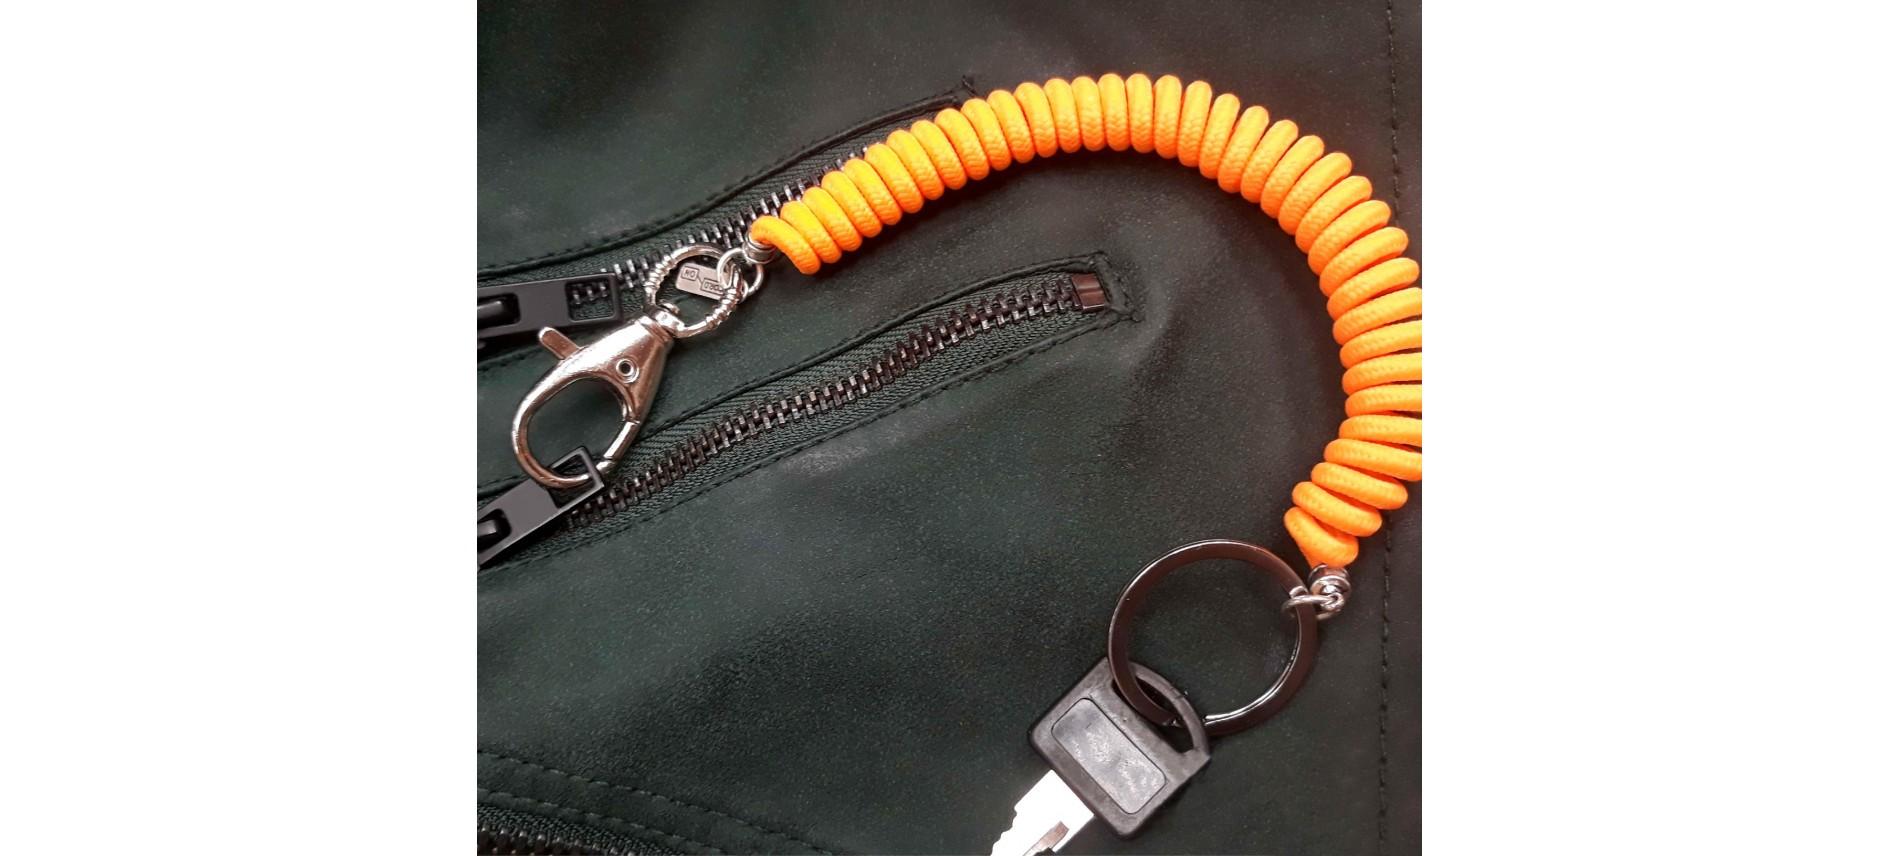 Comprar Llaveros con cordones | Cord-on Shop